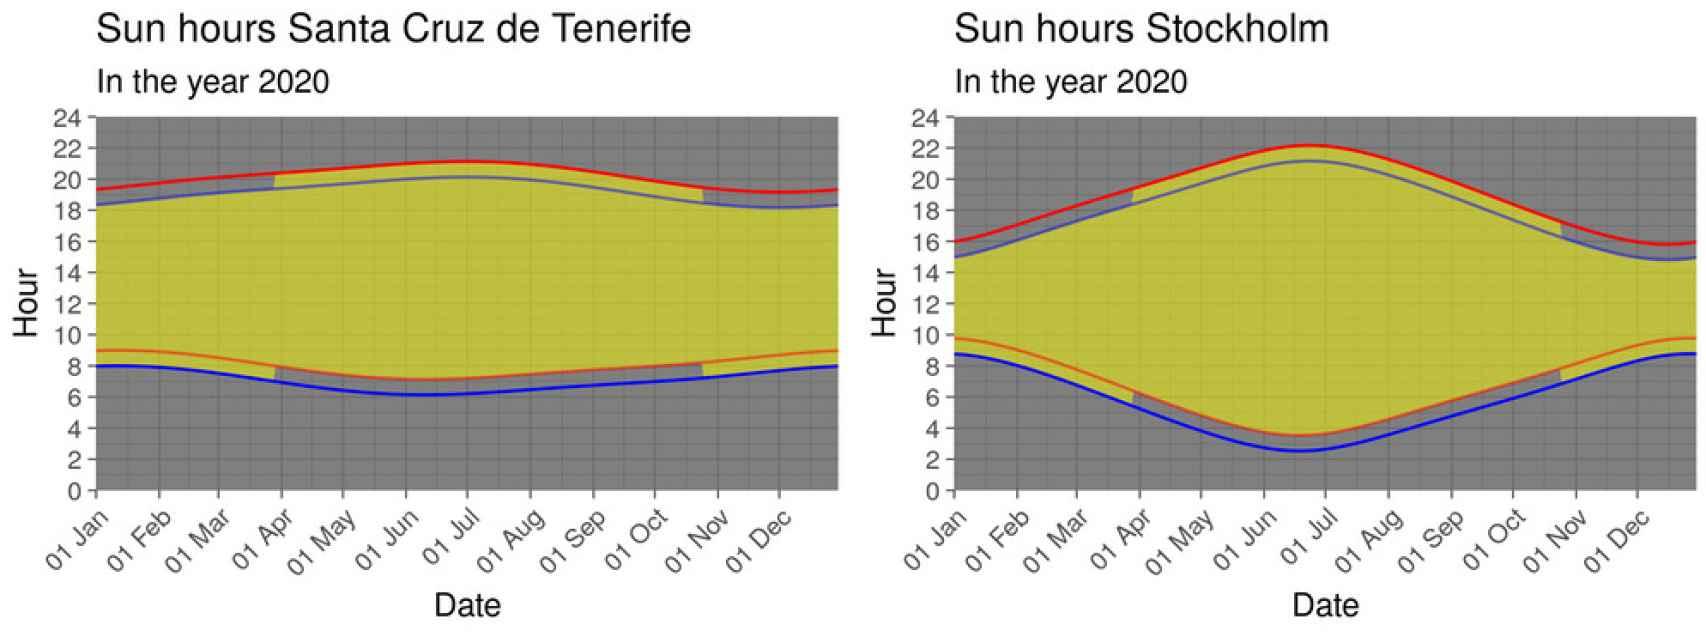 Comparación de los posibles escenarios en Santa Cruz de Tenerife y Estocolmo.